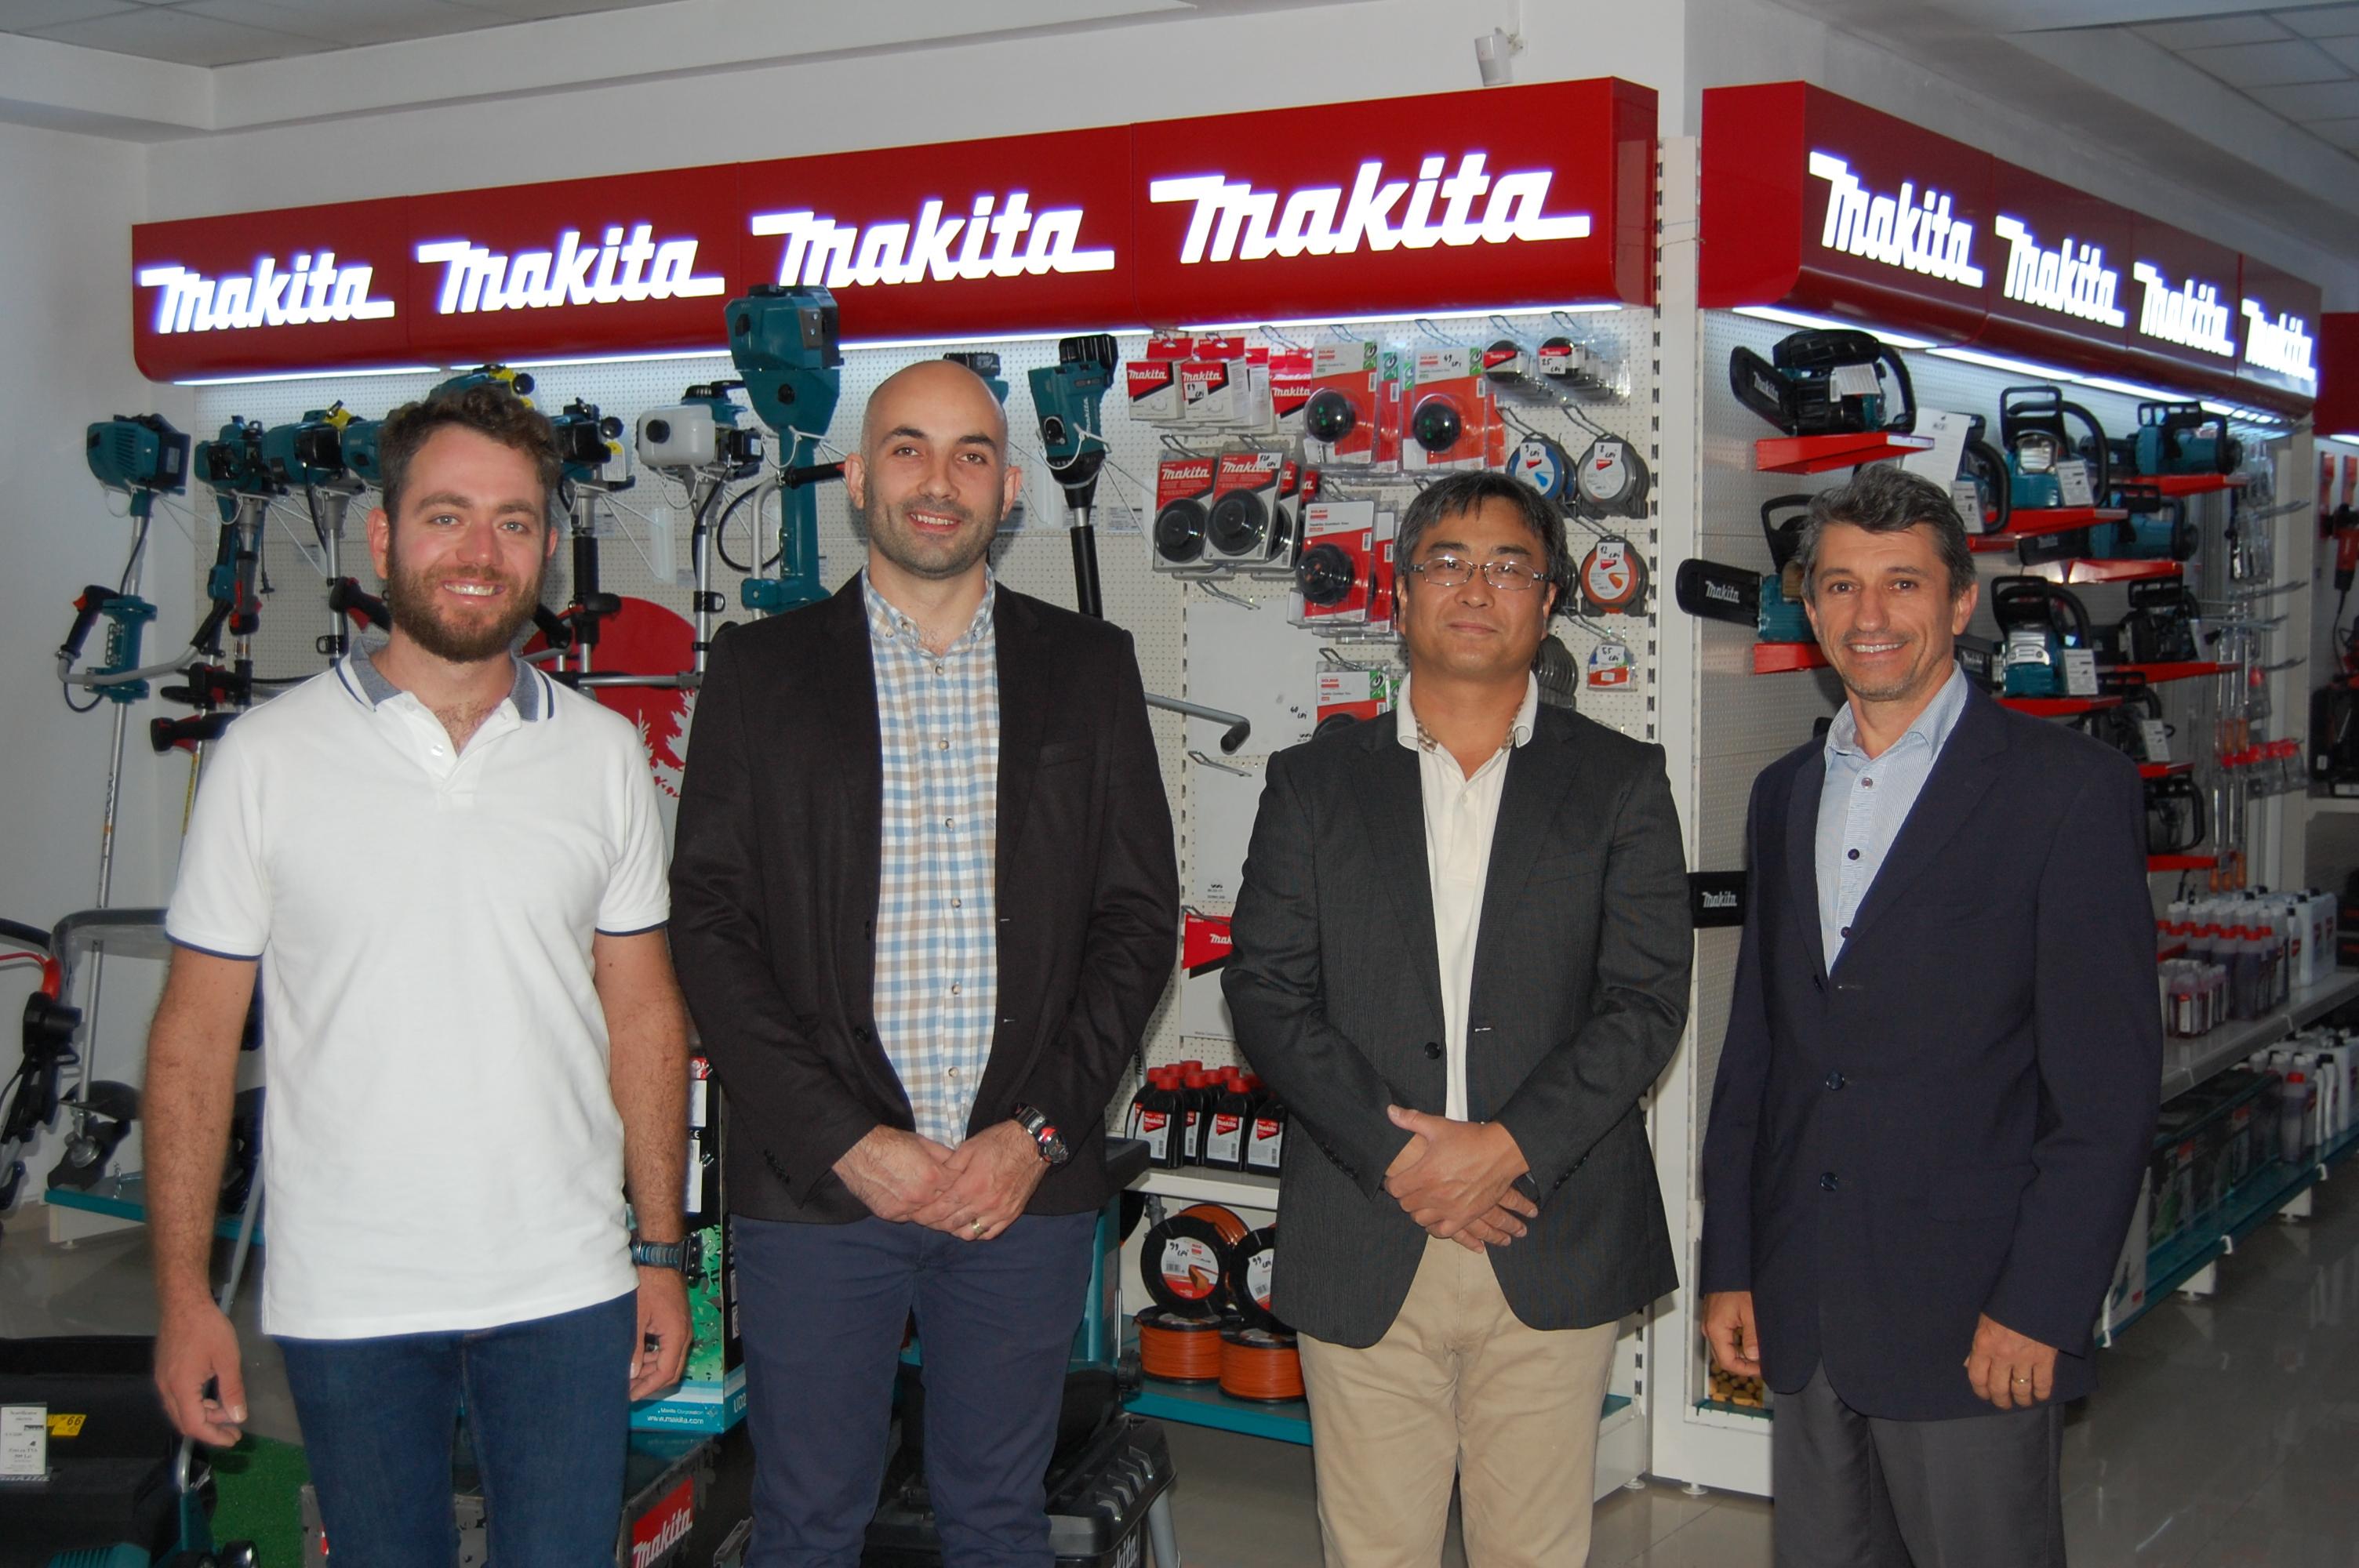 Am fost onorati de vizita Makita Romania la Iasi